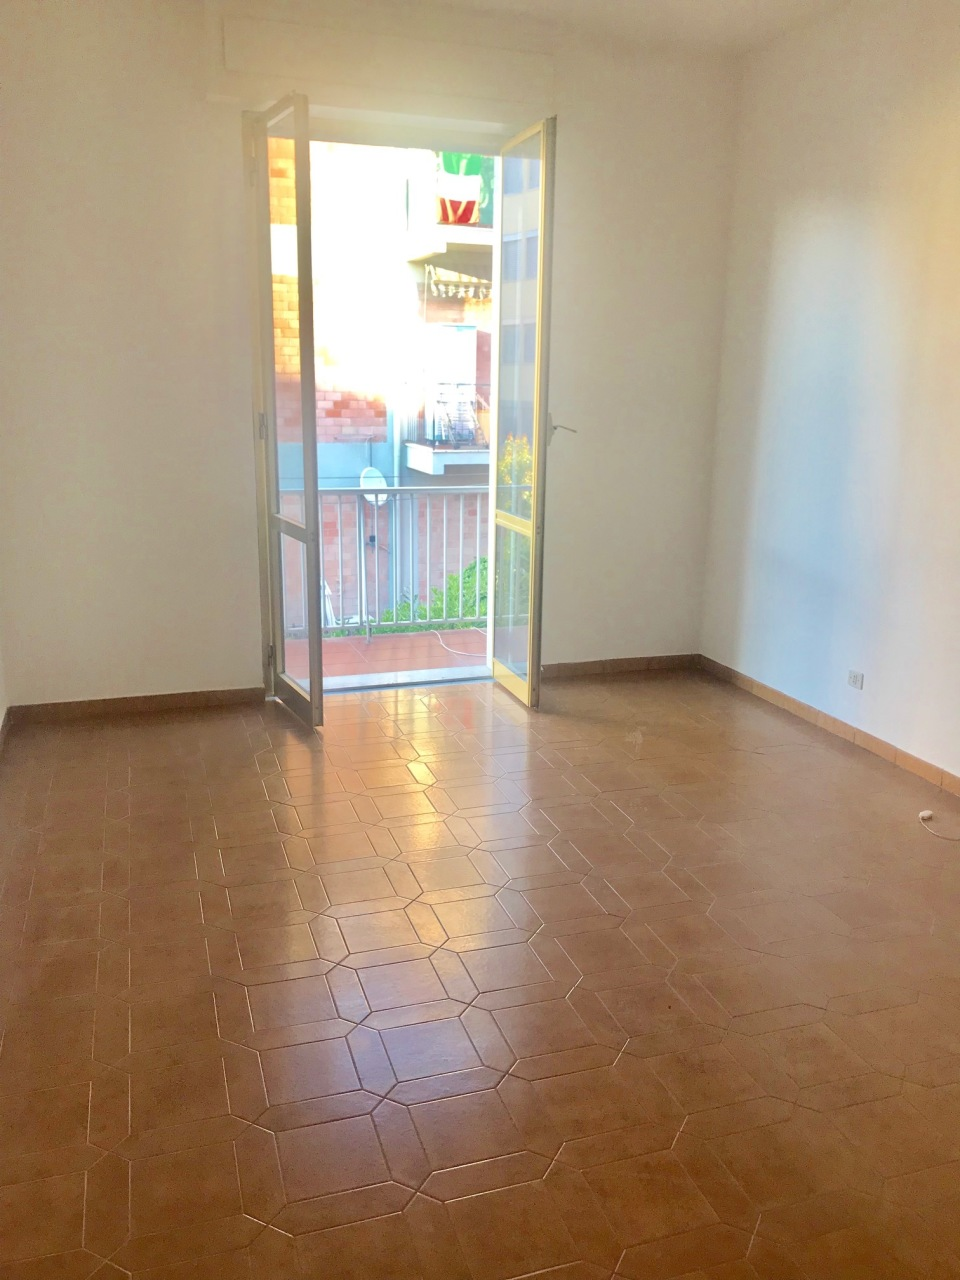 Appartamento in affitto a La Spezia, 4 locali, prezzo € 580 | PortaleAgenzieImmobiliari.it